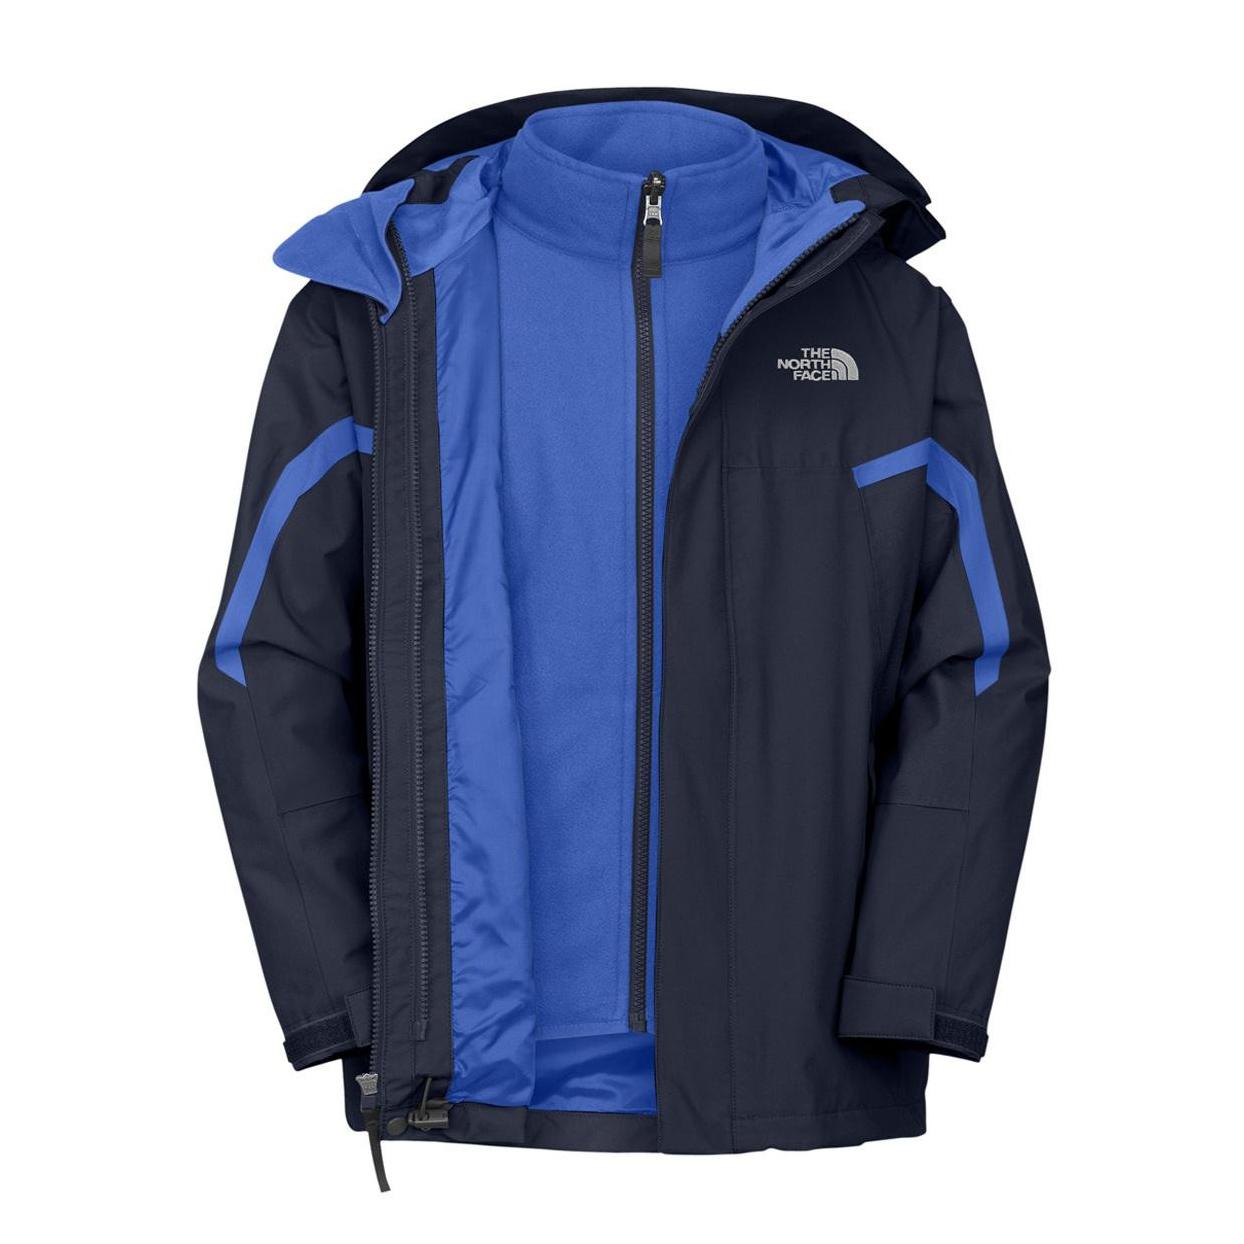 美國百分百【The North Face】防風 連帽 外套 TNF 保暖 防水 防寒 兩件式 北臉 深藍 S號 F883